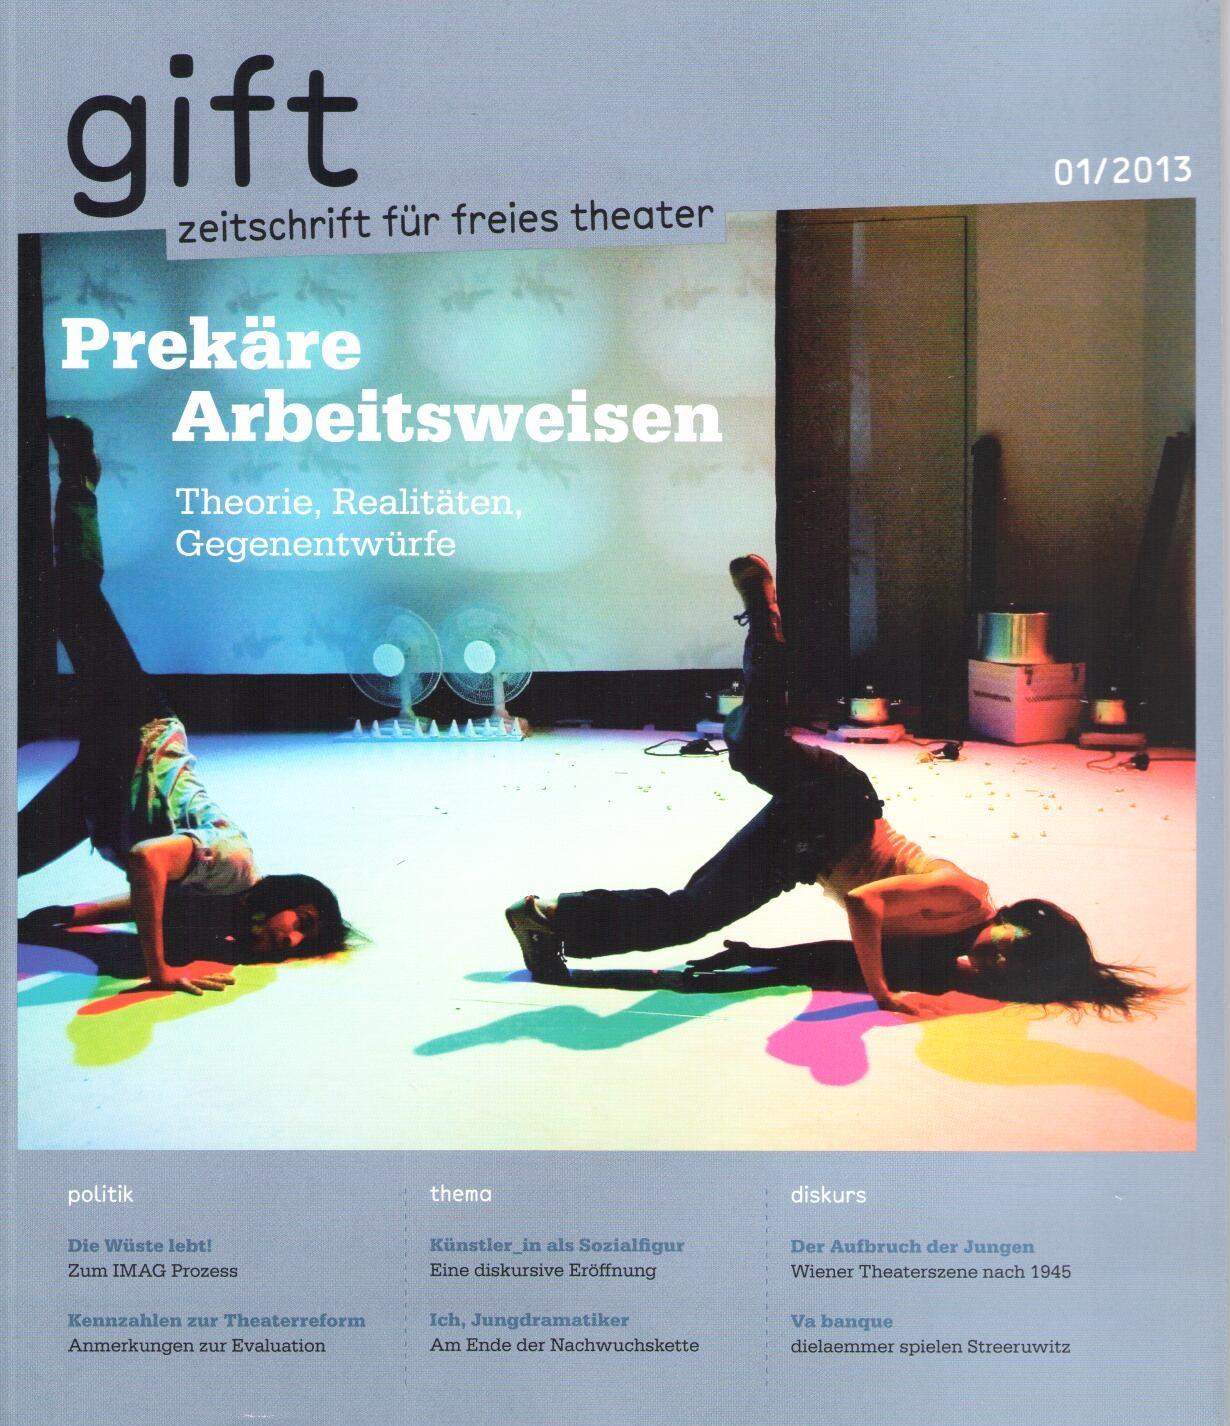 gift zeitschrift f r freies theater freietheater. Black Bedroom Furniture Sets. Home Design Ideas